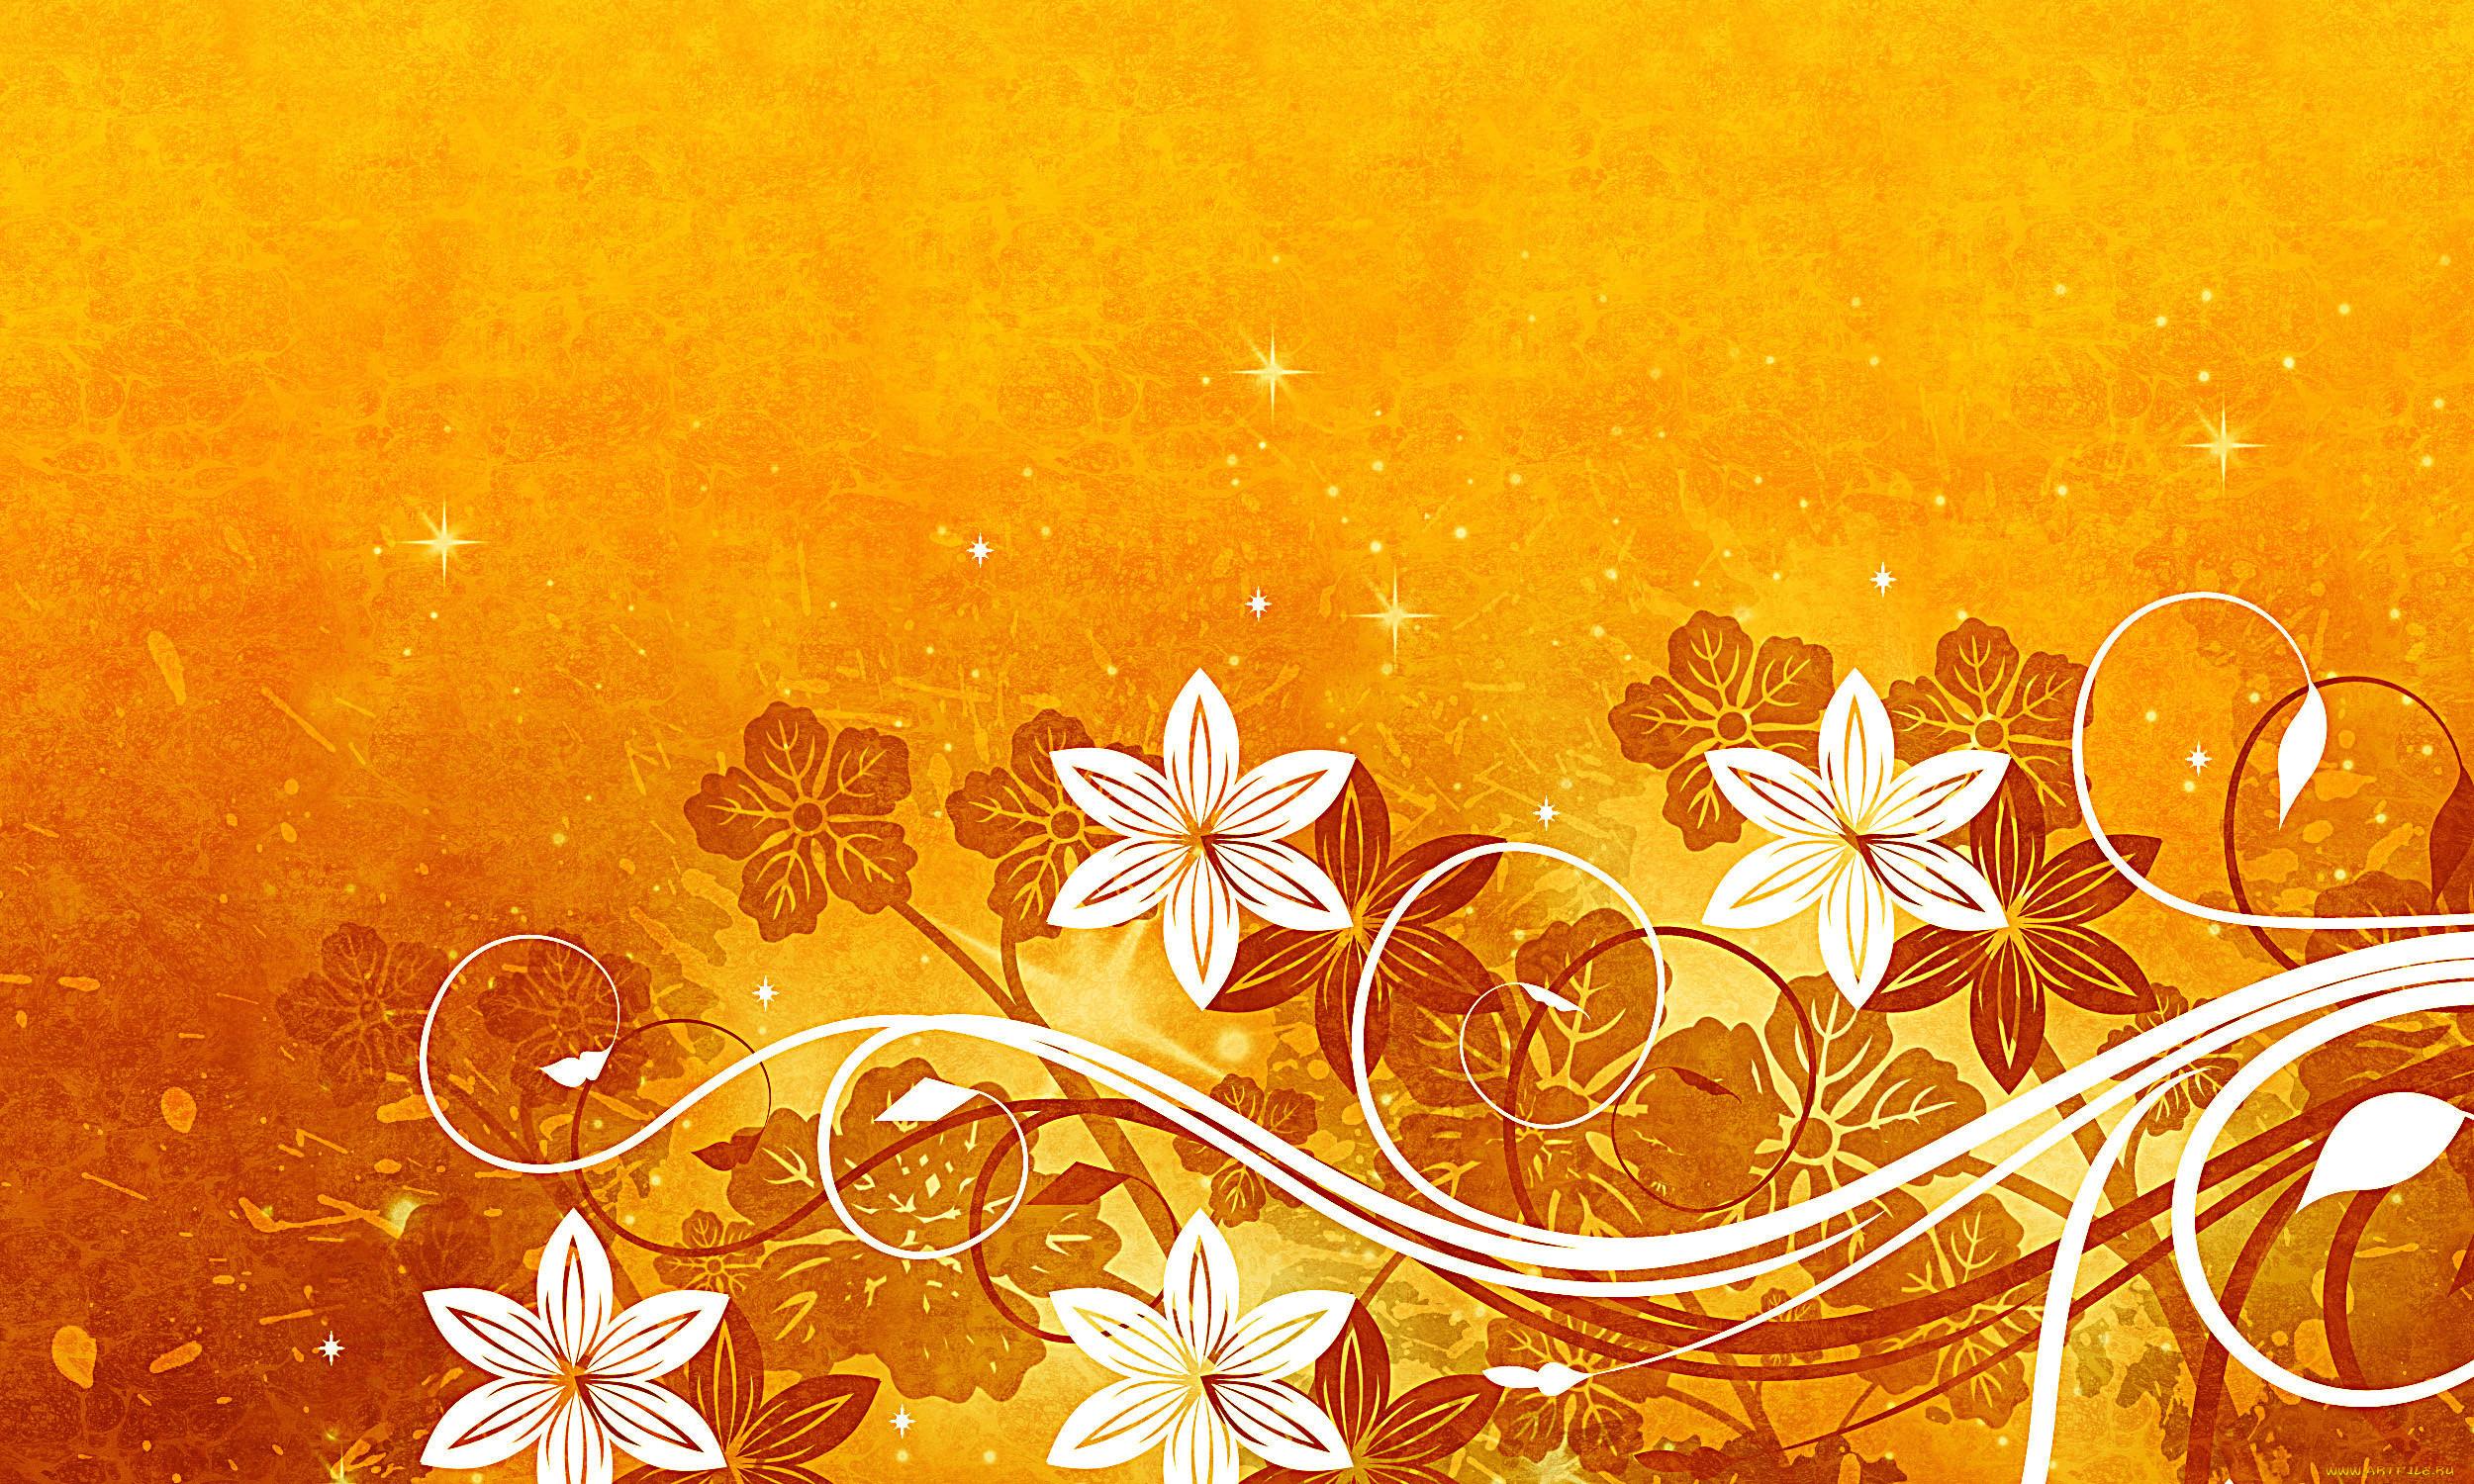 судно, картинки оранжевый фон цветы были деревянные